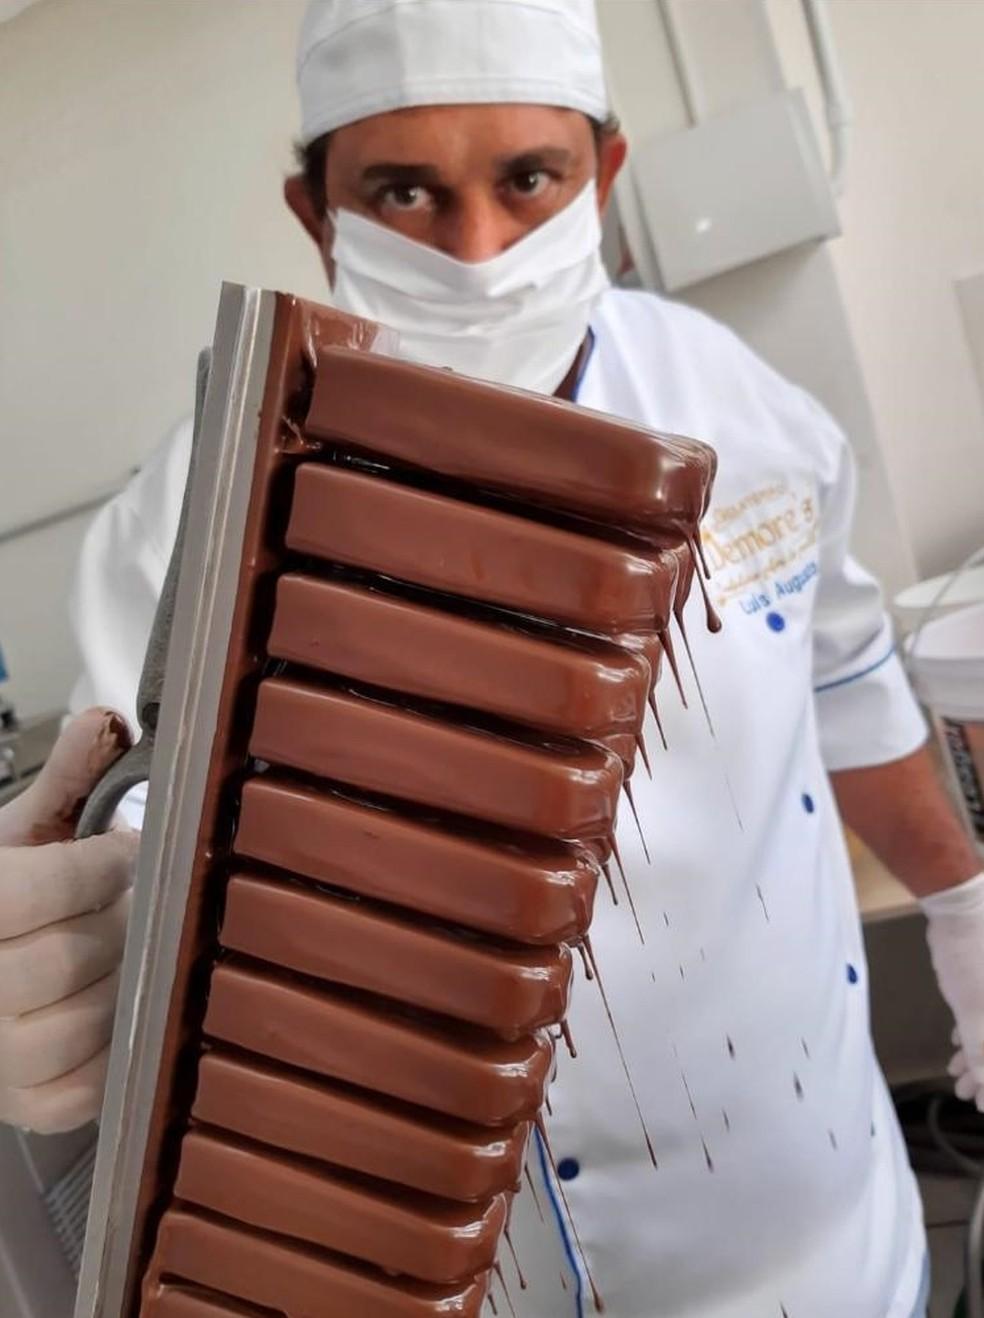 Luís é proprietário da gelateria e fabrica todos seus produtos em Votuporanga  — Foto: Reprodução/Facebook